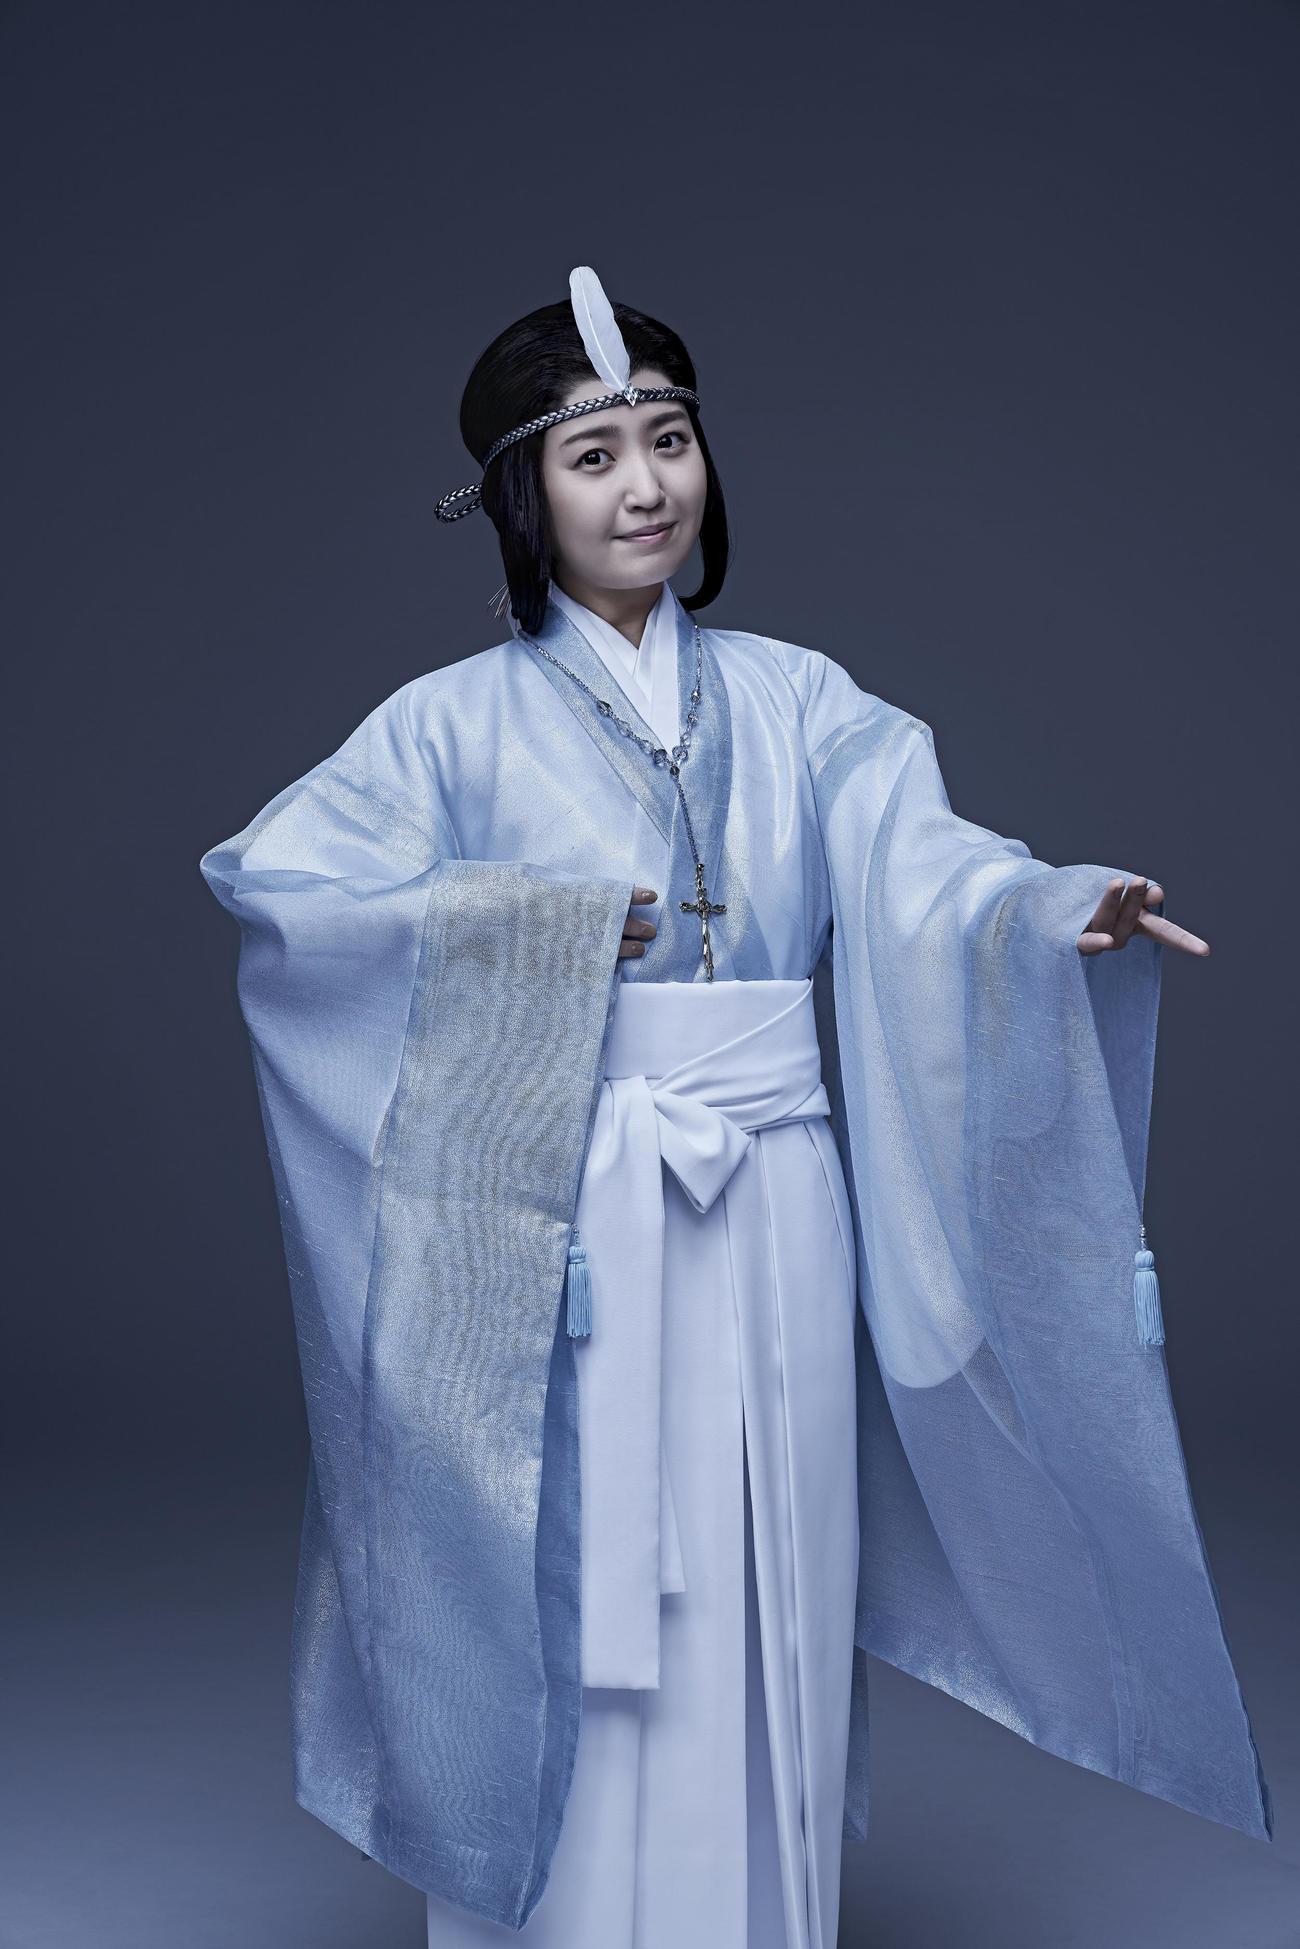 舞台「未来記の番人」で紅羽役を演じるSKE48惣田紗莉渚(外部提供)